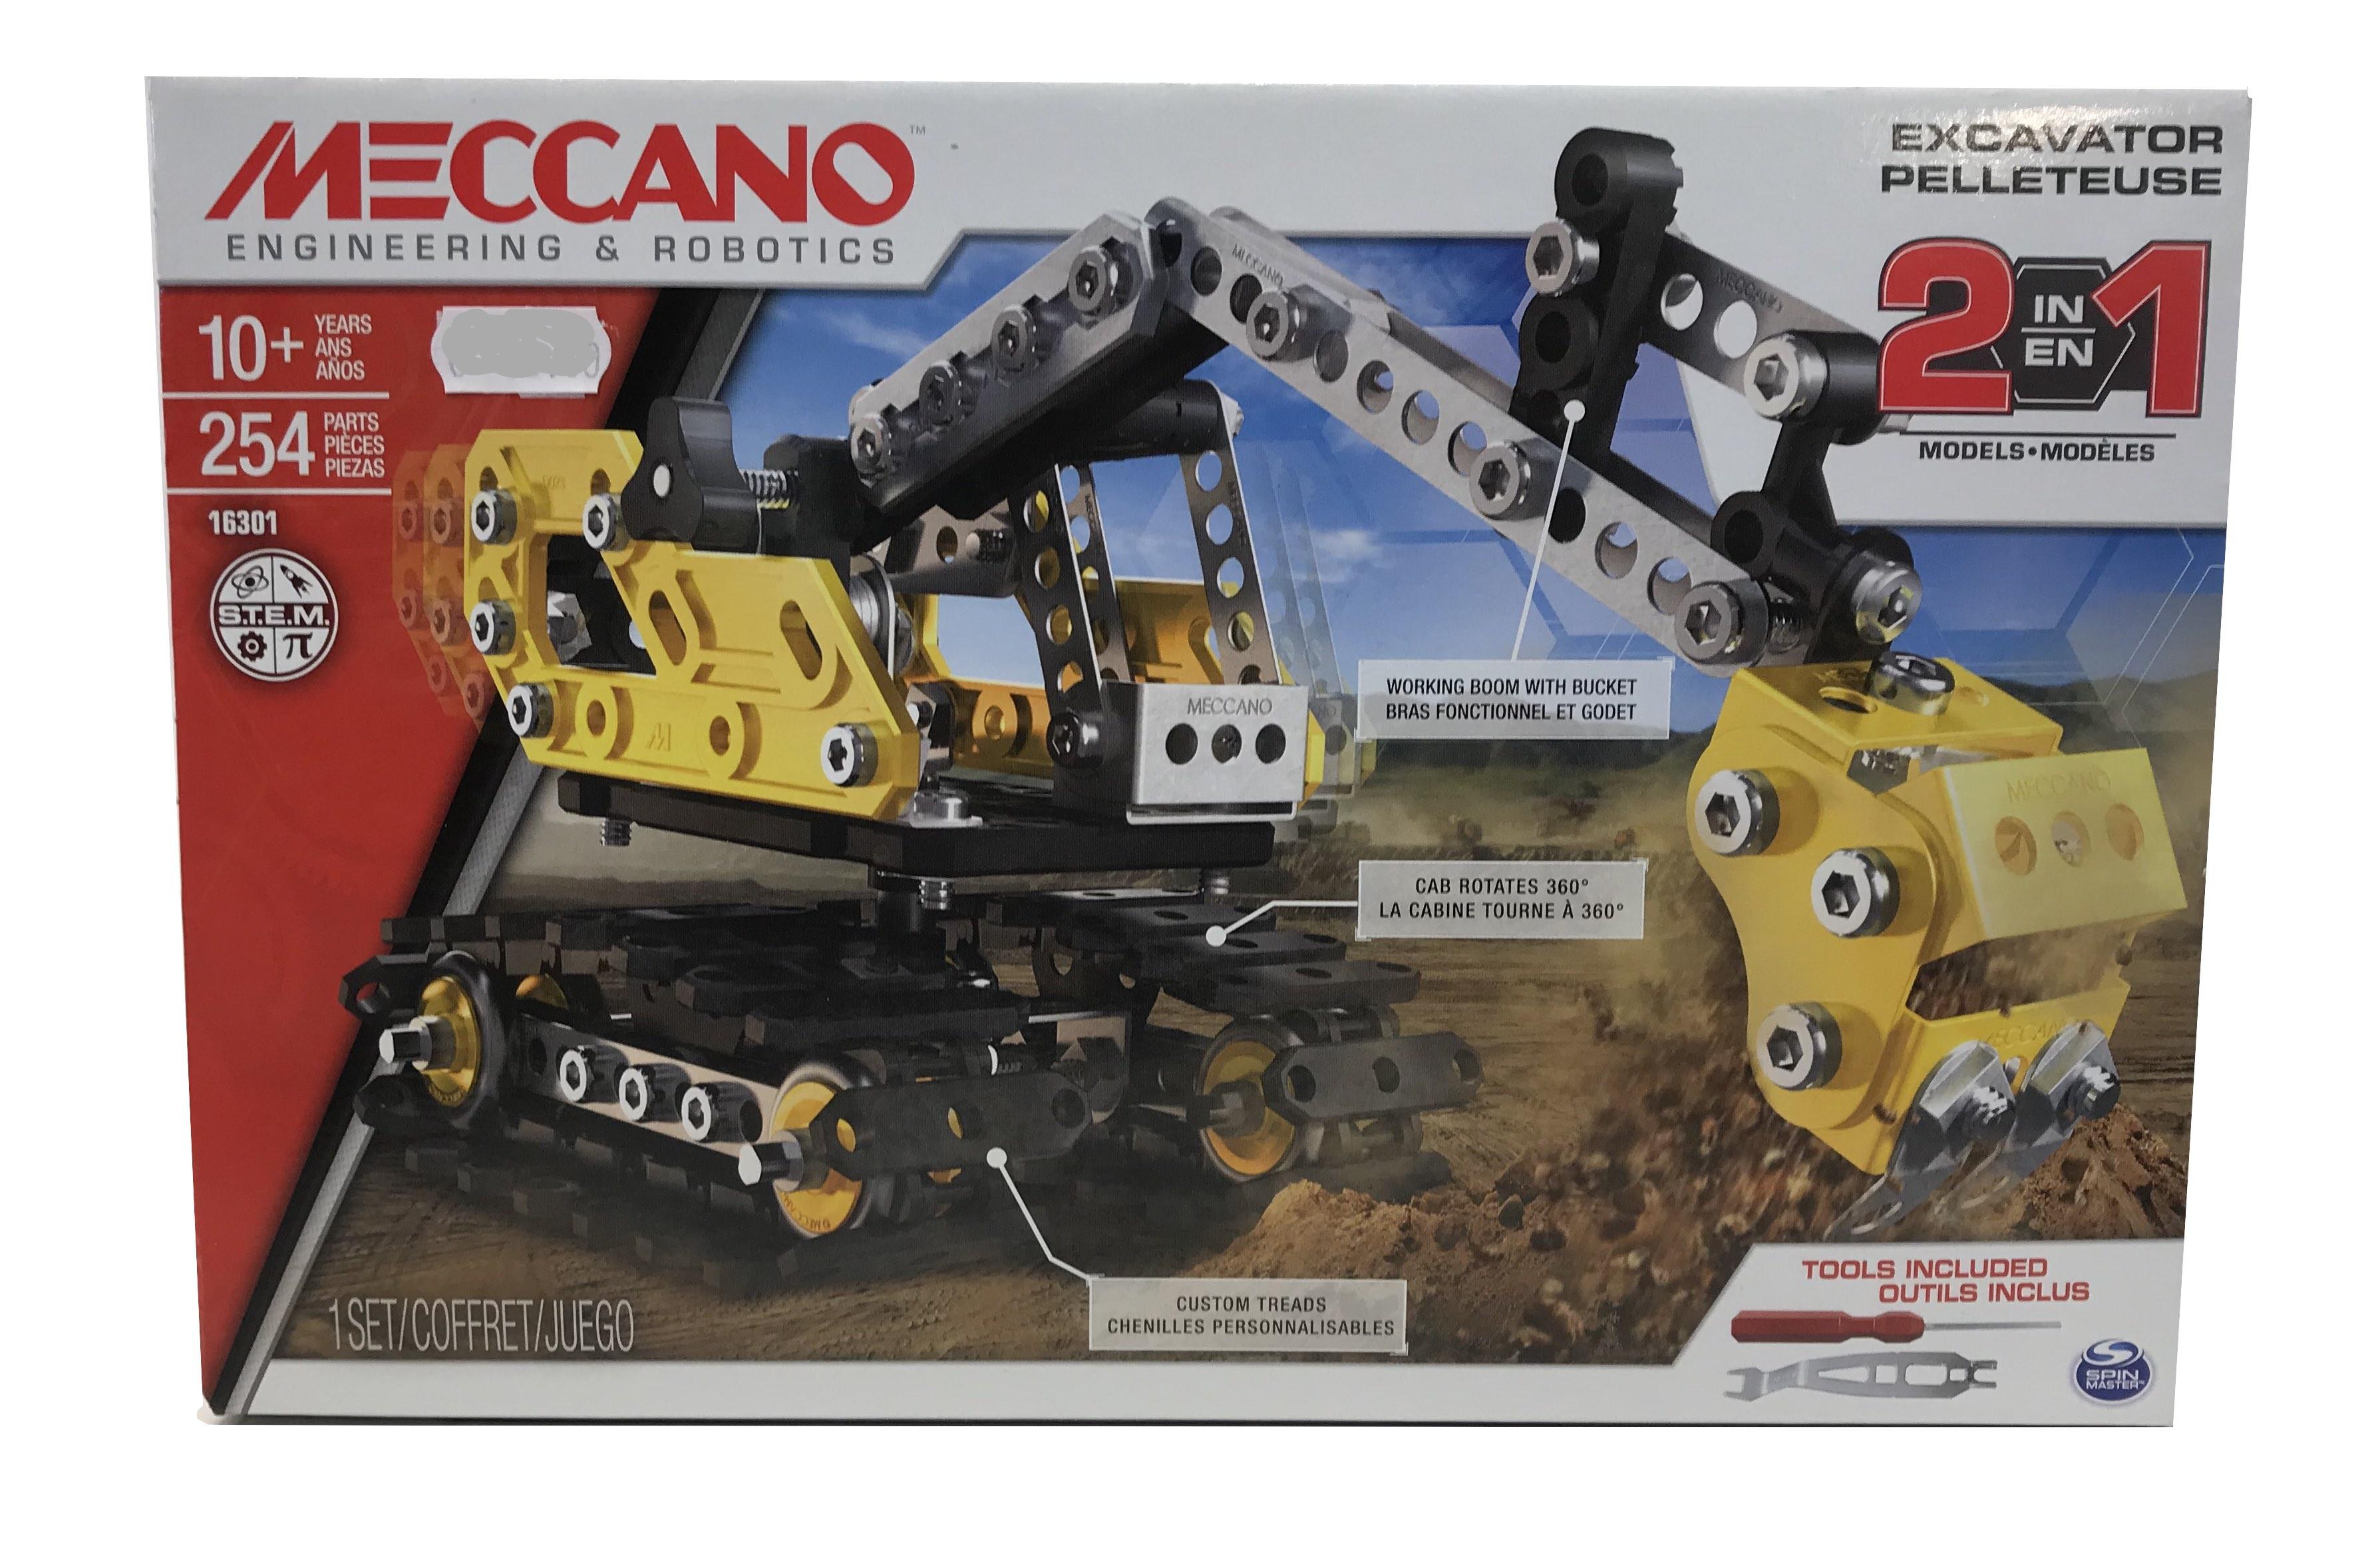 Meccano Excavator 2 in 1